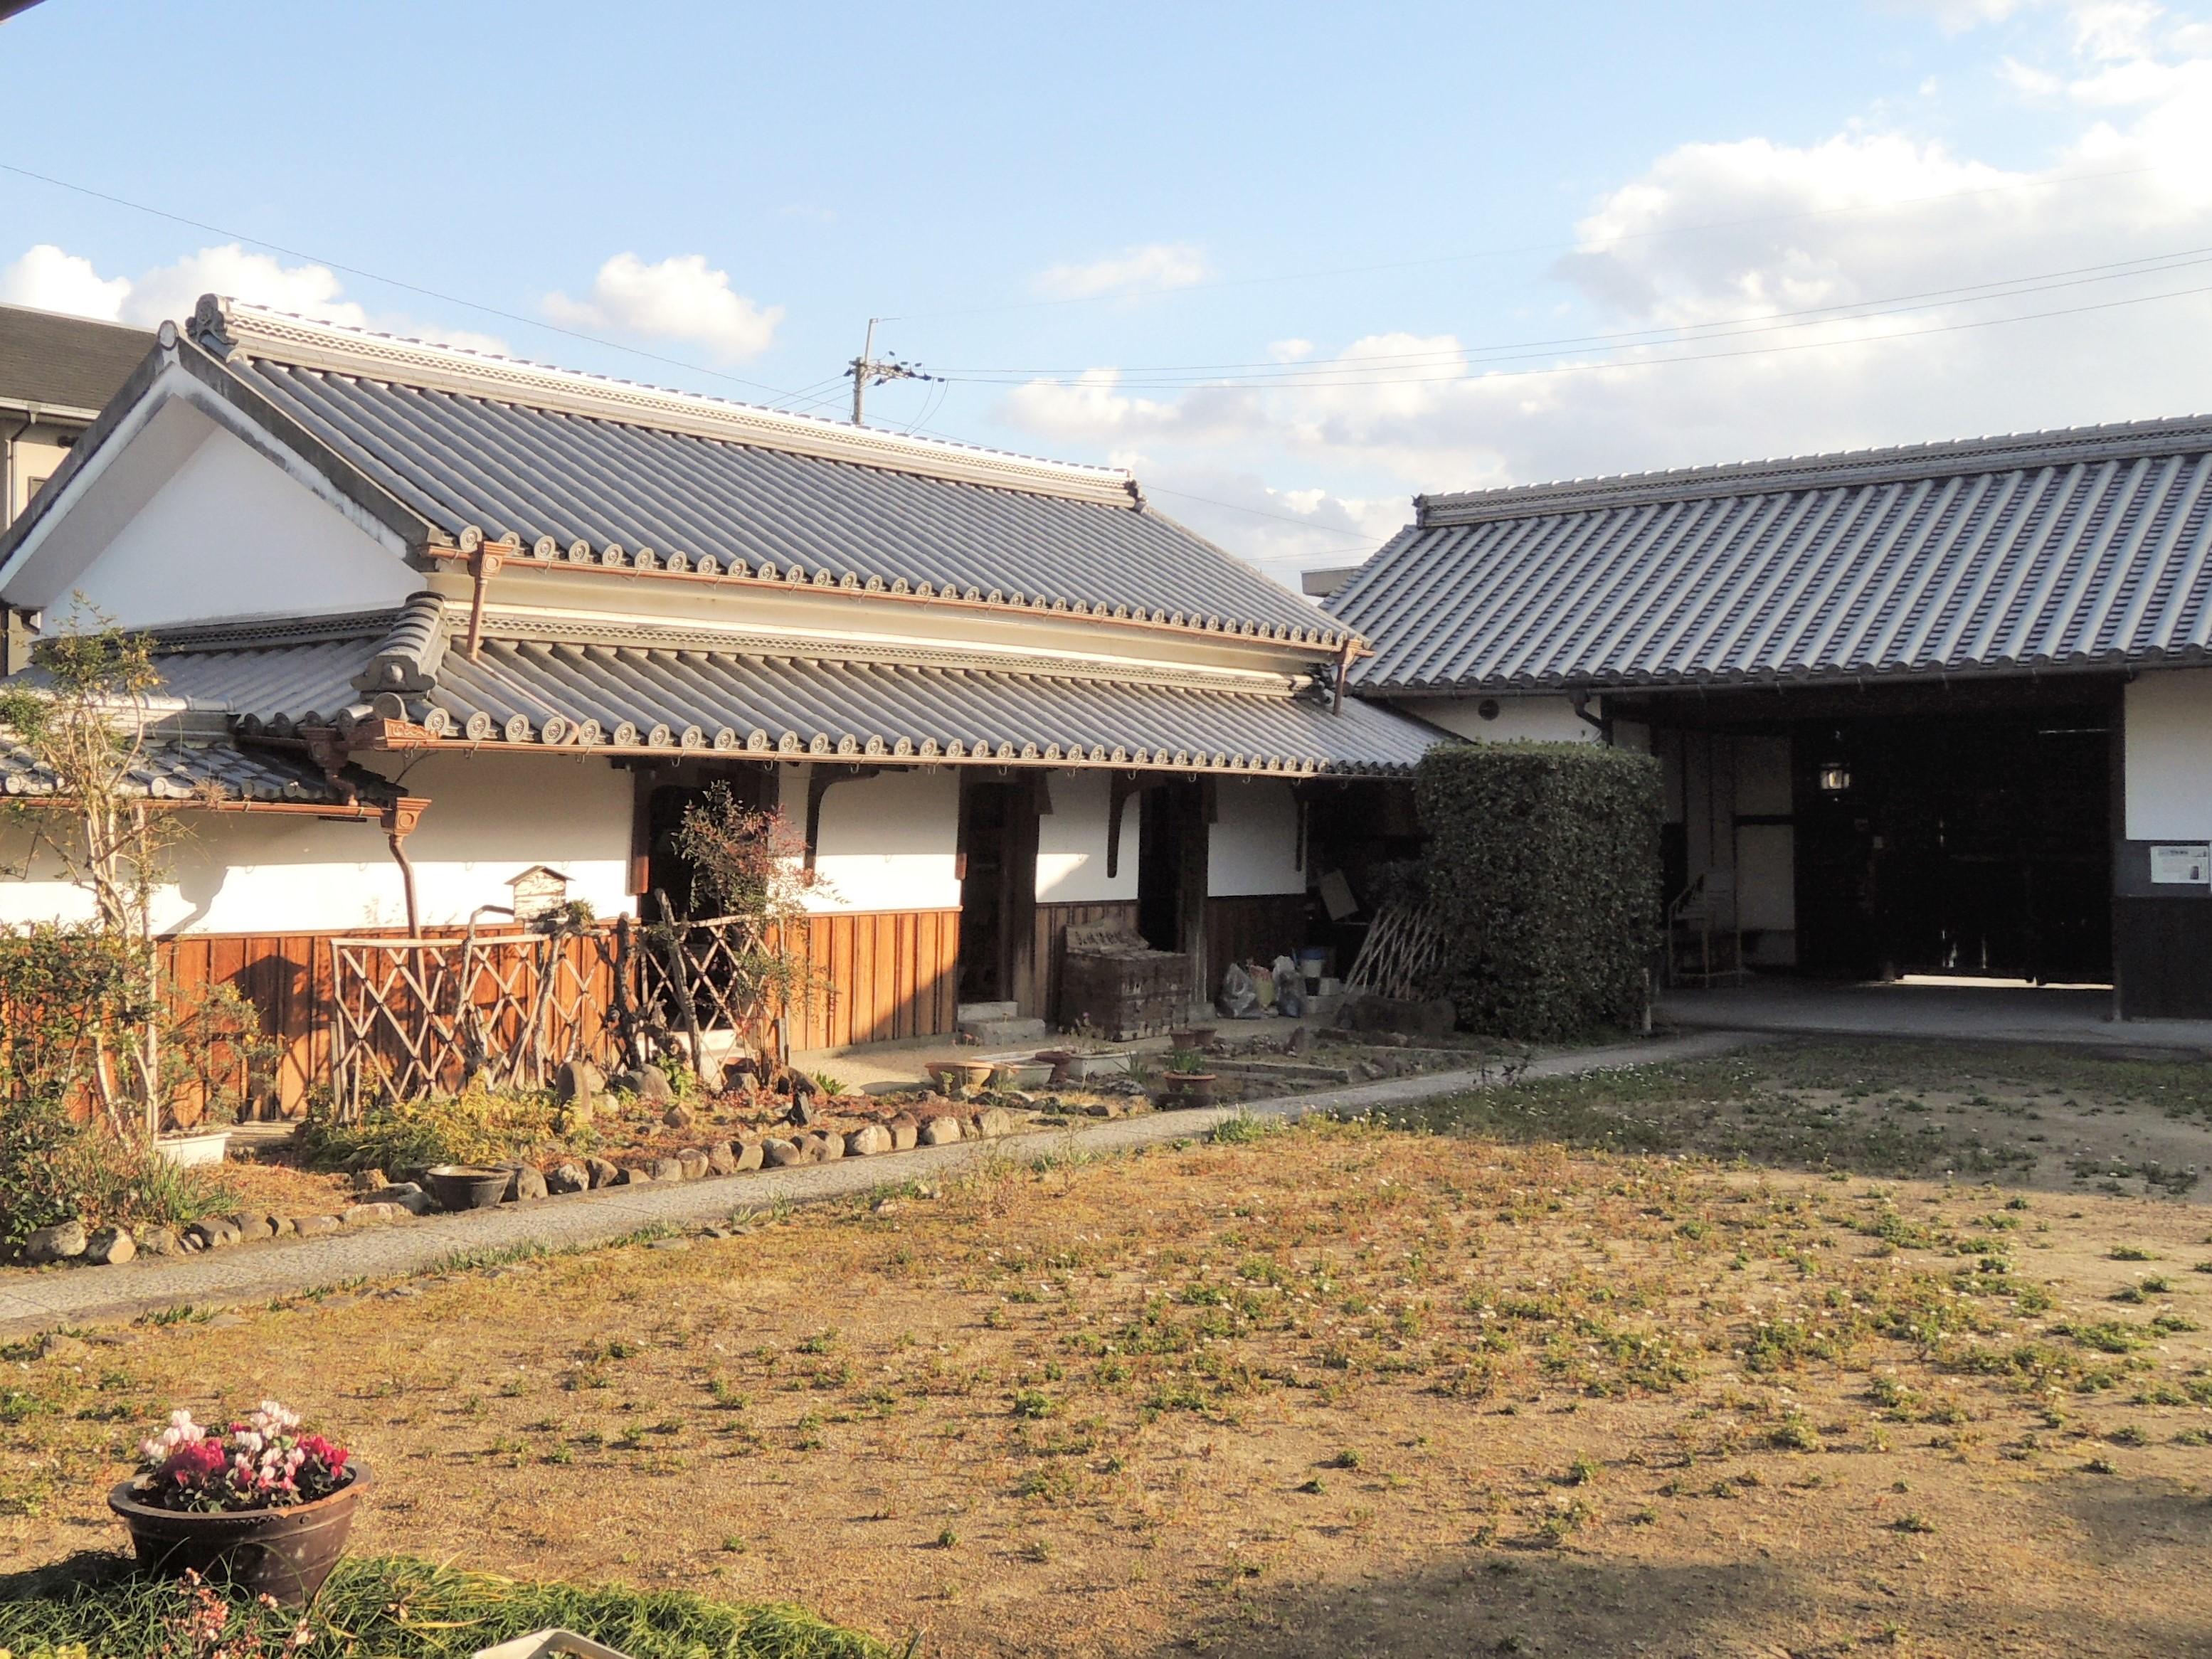 <p>前庭を囲む米蔵と長屋門</p>米の運搬に便利な敷地外近くにあり、正面に扉を持つ3室に分かれる。年貢の米を収納したことが窺われる。